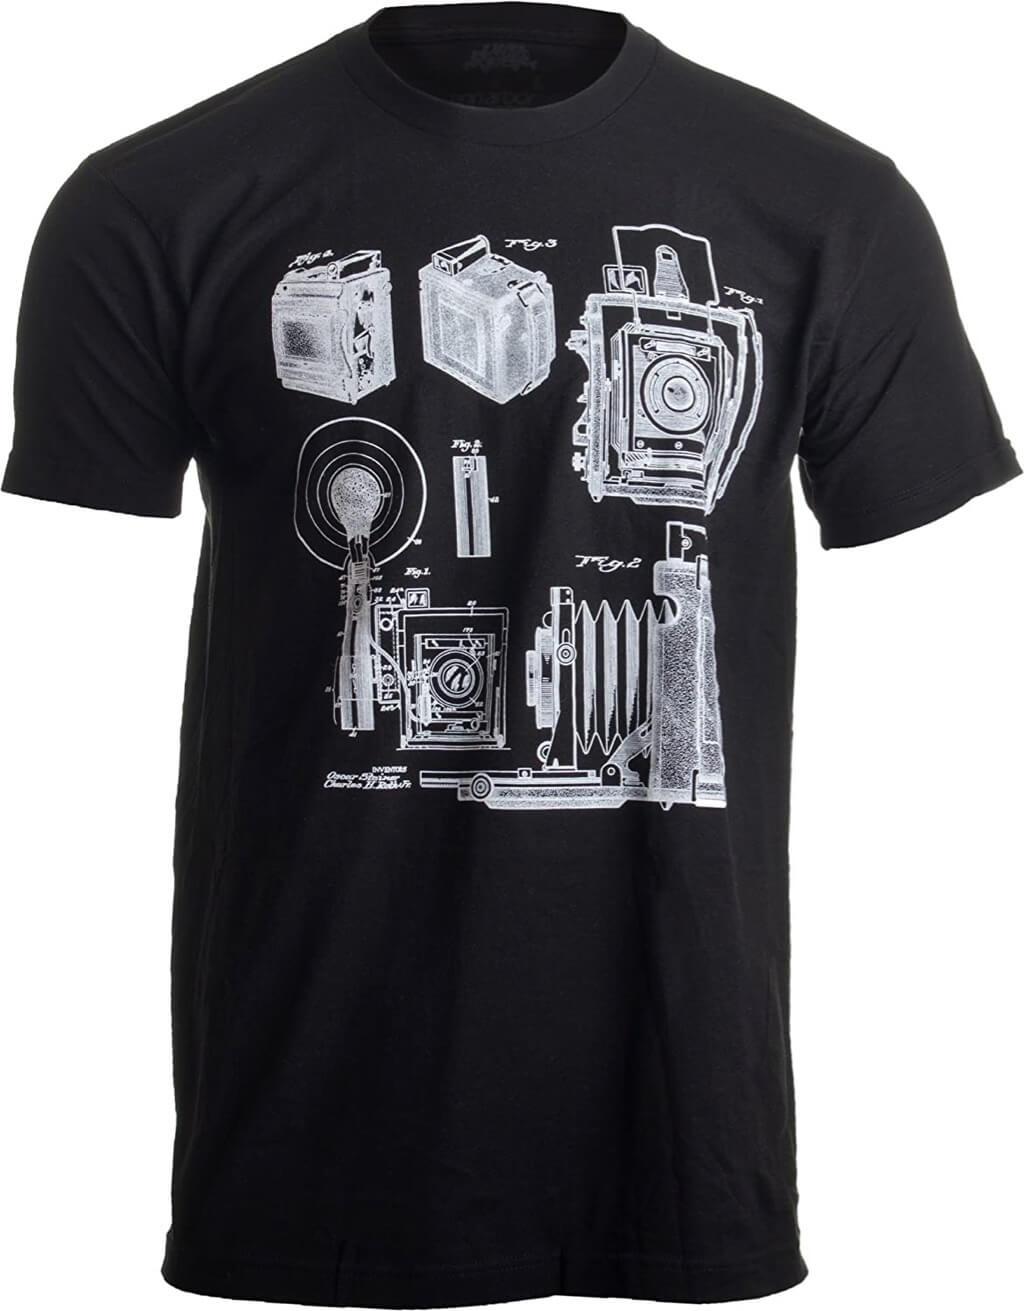 1938 Graflex Camera Shirt